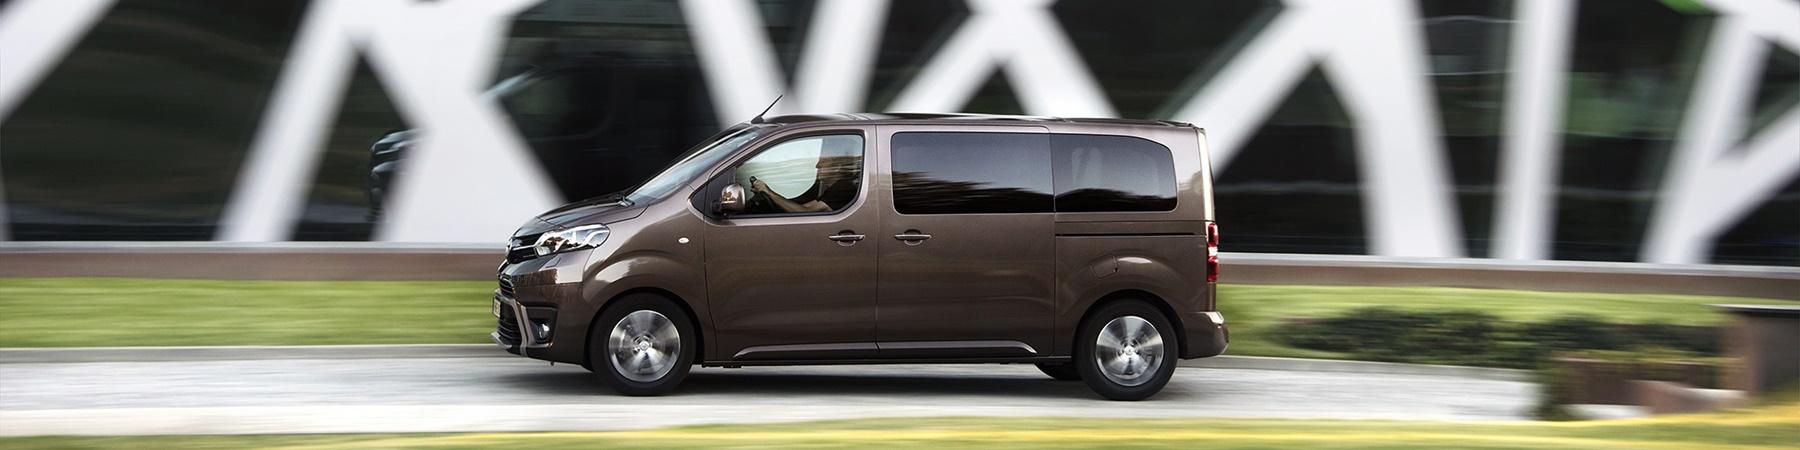 Toyota ProAce  75kWh 281 km actieradius